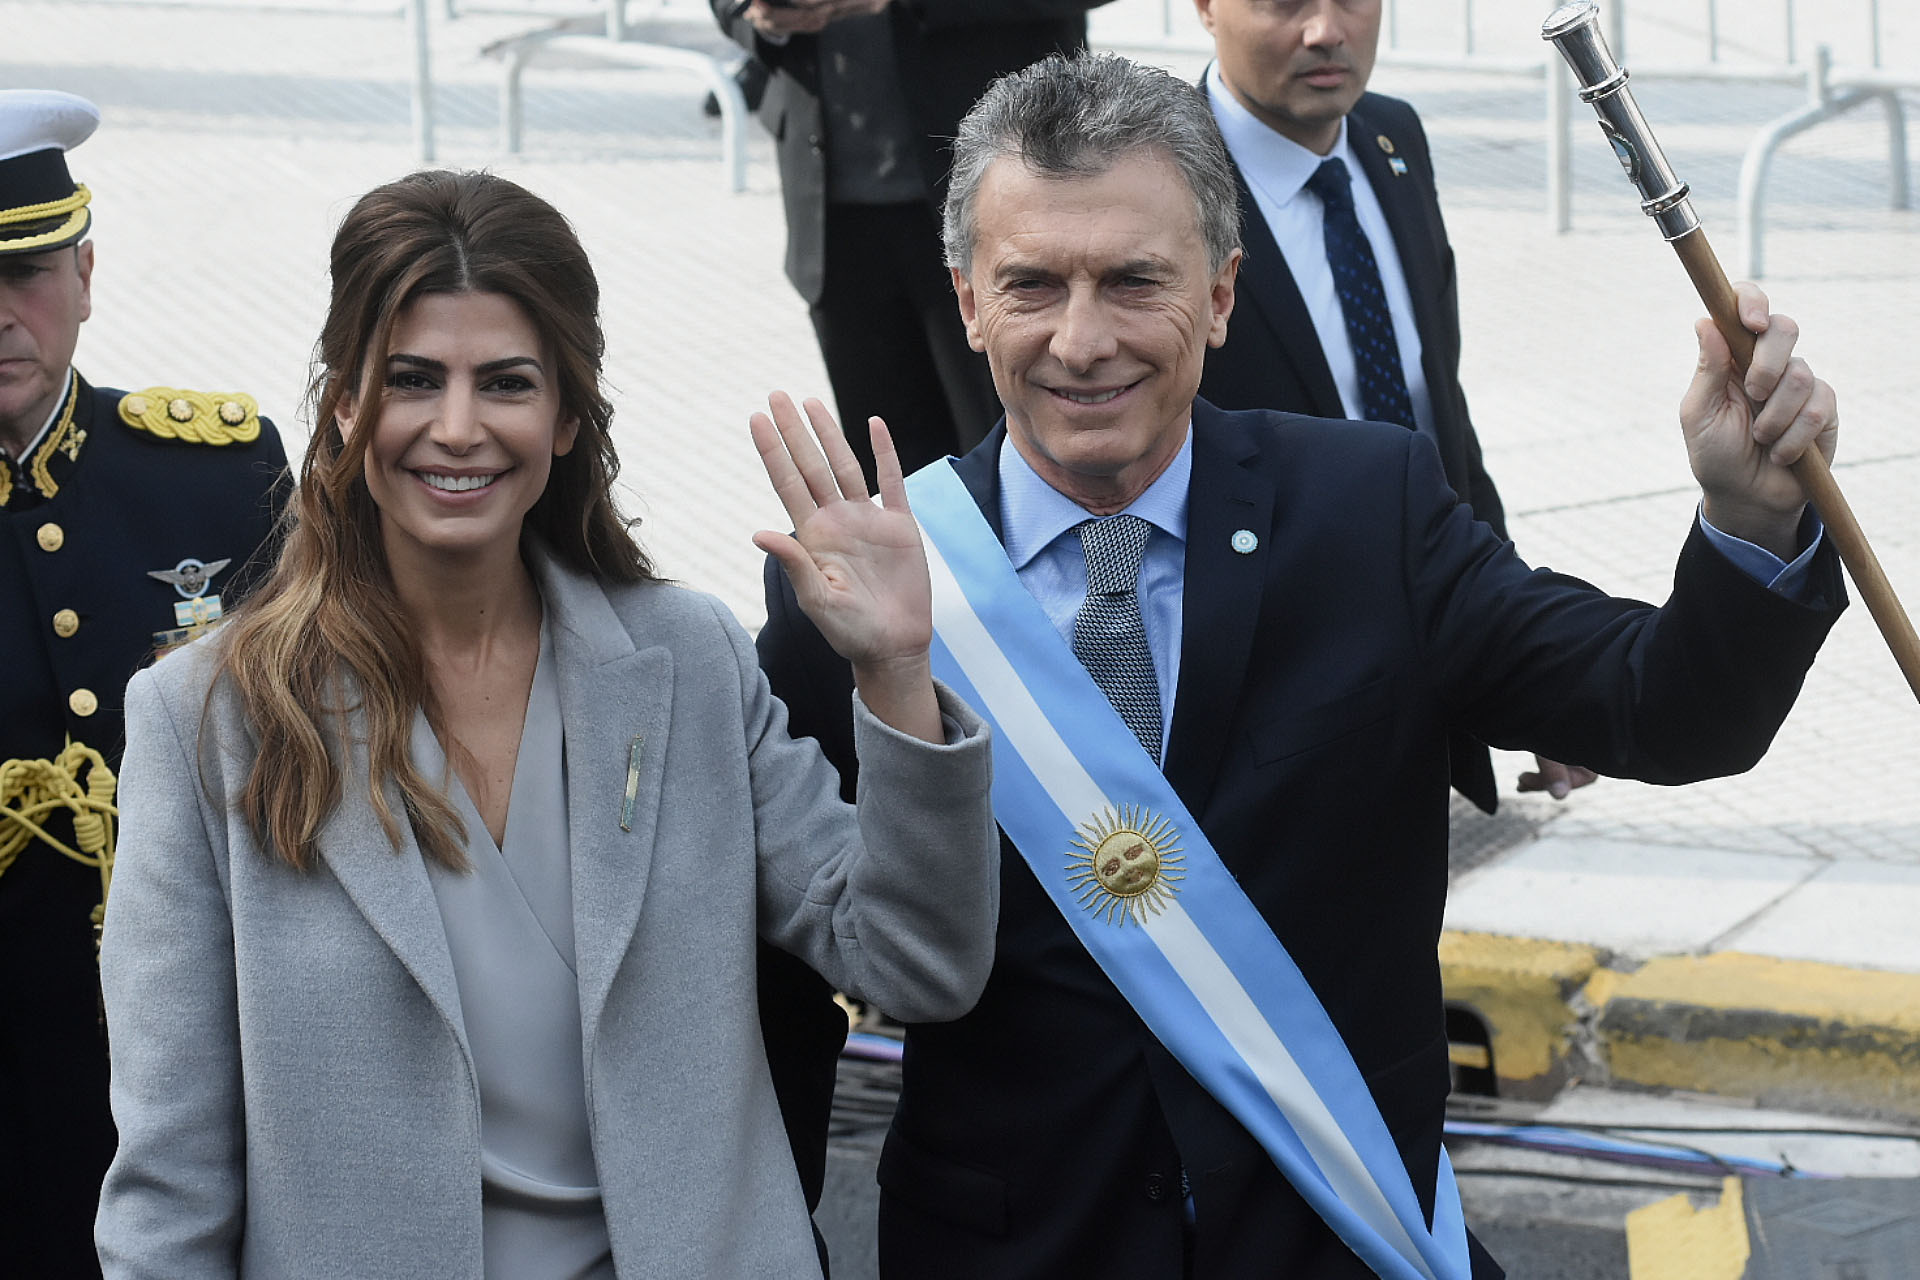 Awada y Macri saludaron sonrientes al público agolpado en la Plaza de Mayo